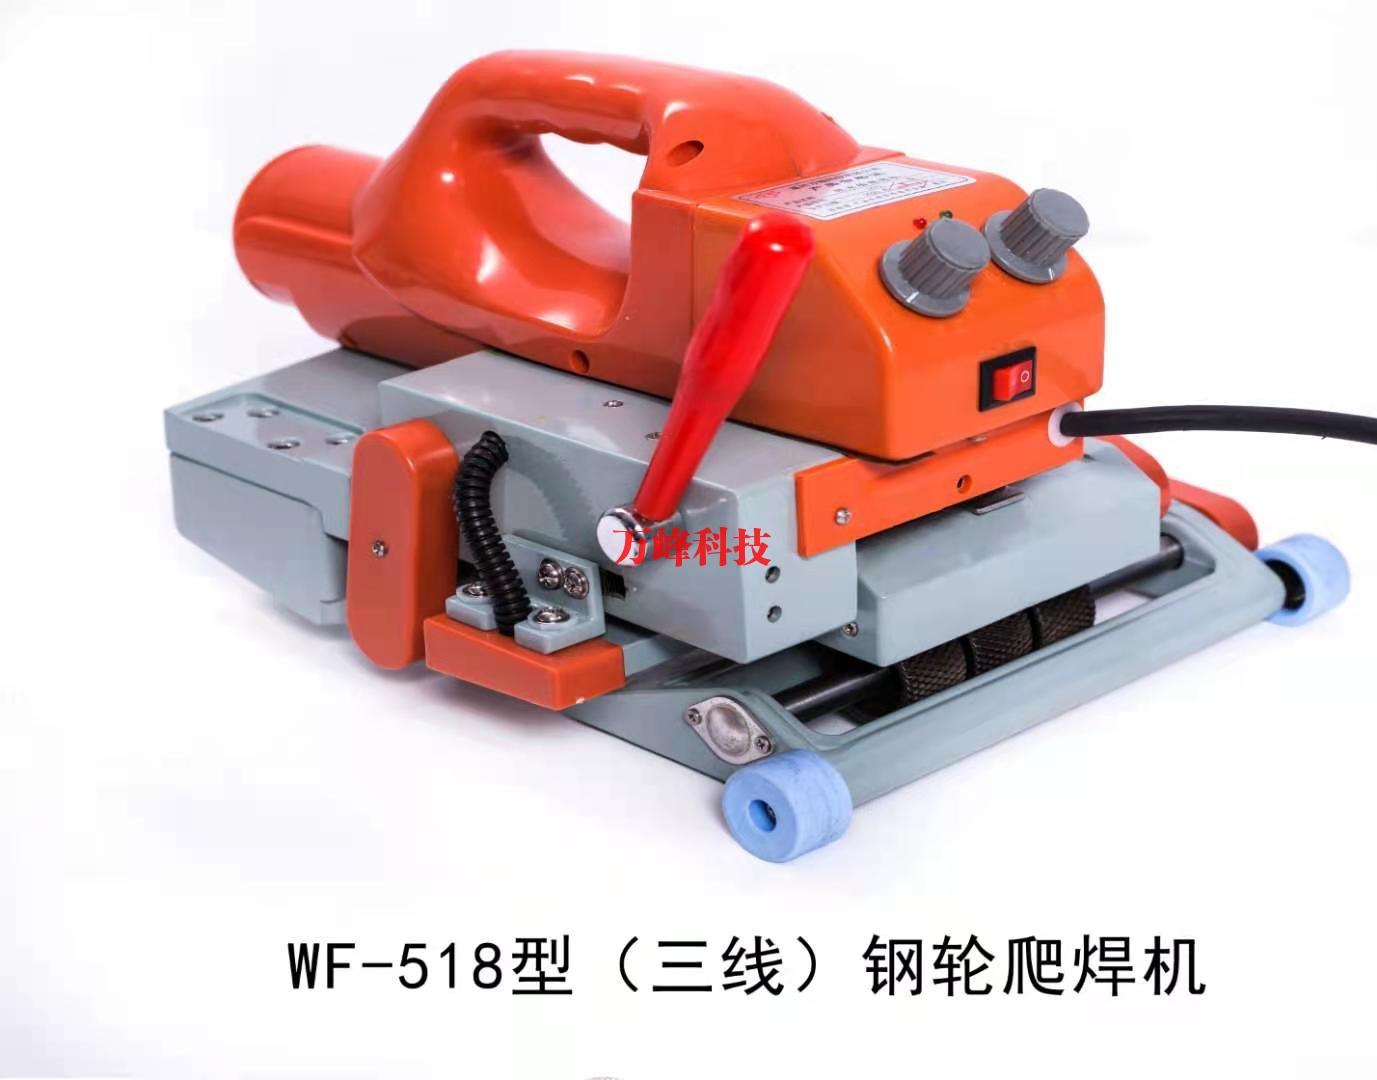 上海518型三线钢轮爬焊机